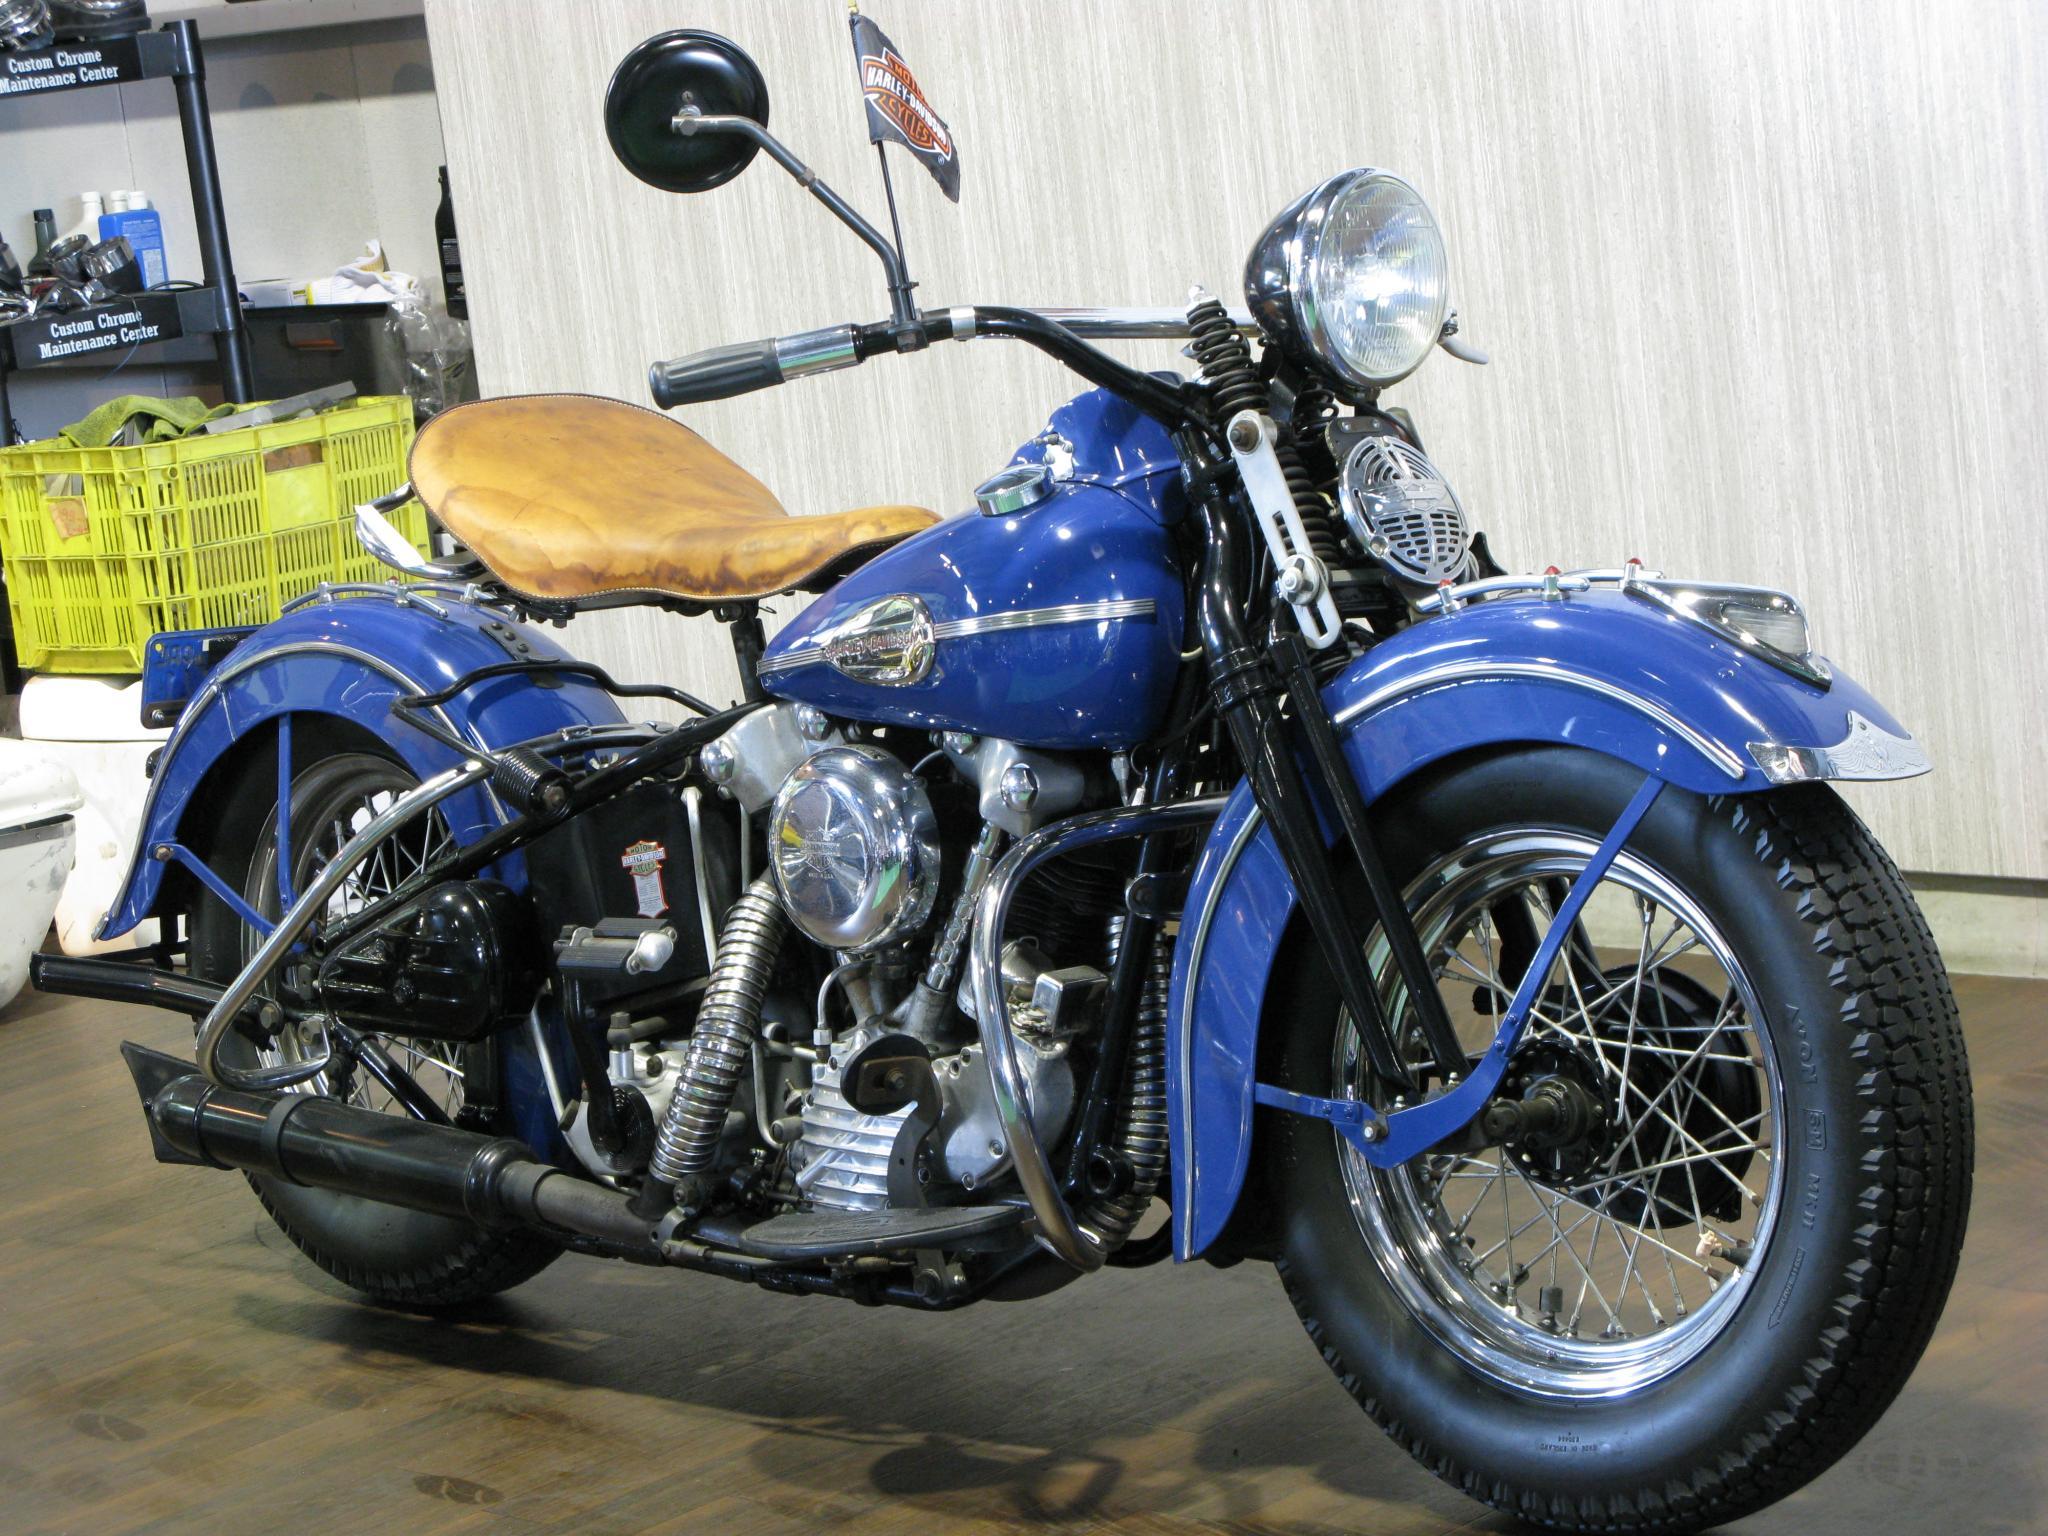 ハーレーダビッドソン 1941 Knuckle EL 1000 車体写真2